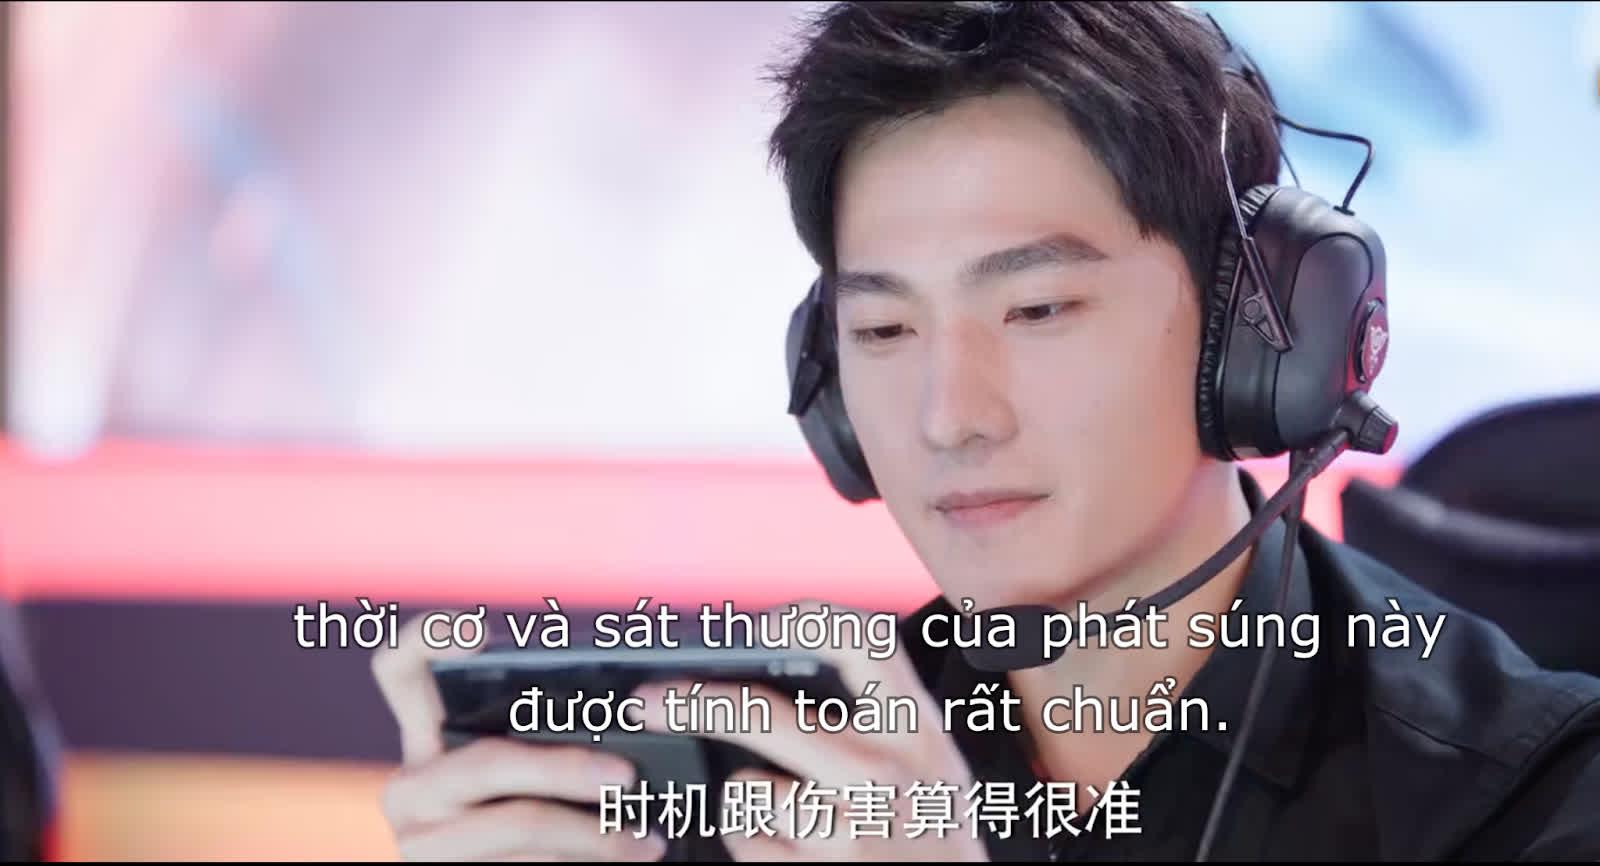 Nhiệt Ba - Dương Dương thi đấu game vẫn show ân ái, không để ý bồ cũ xuất hiện ghê rợn ở Em Là Niềm Kiêu Hãnh Của Anh - Ảnh 6.